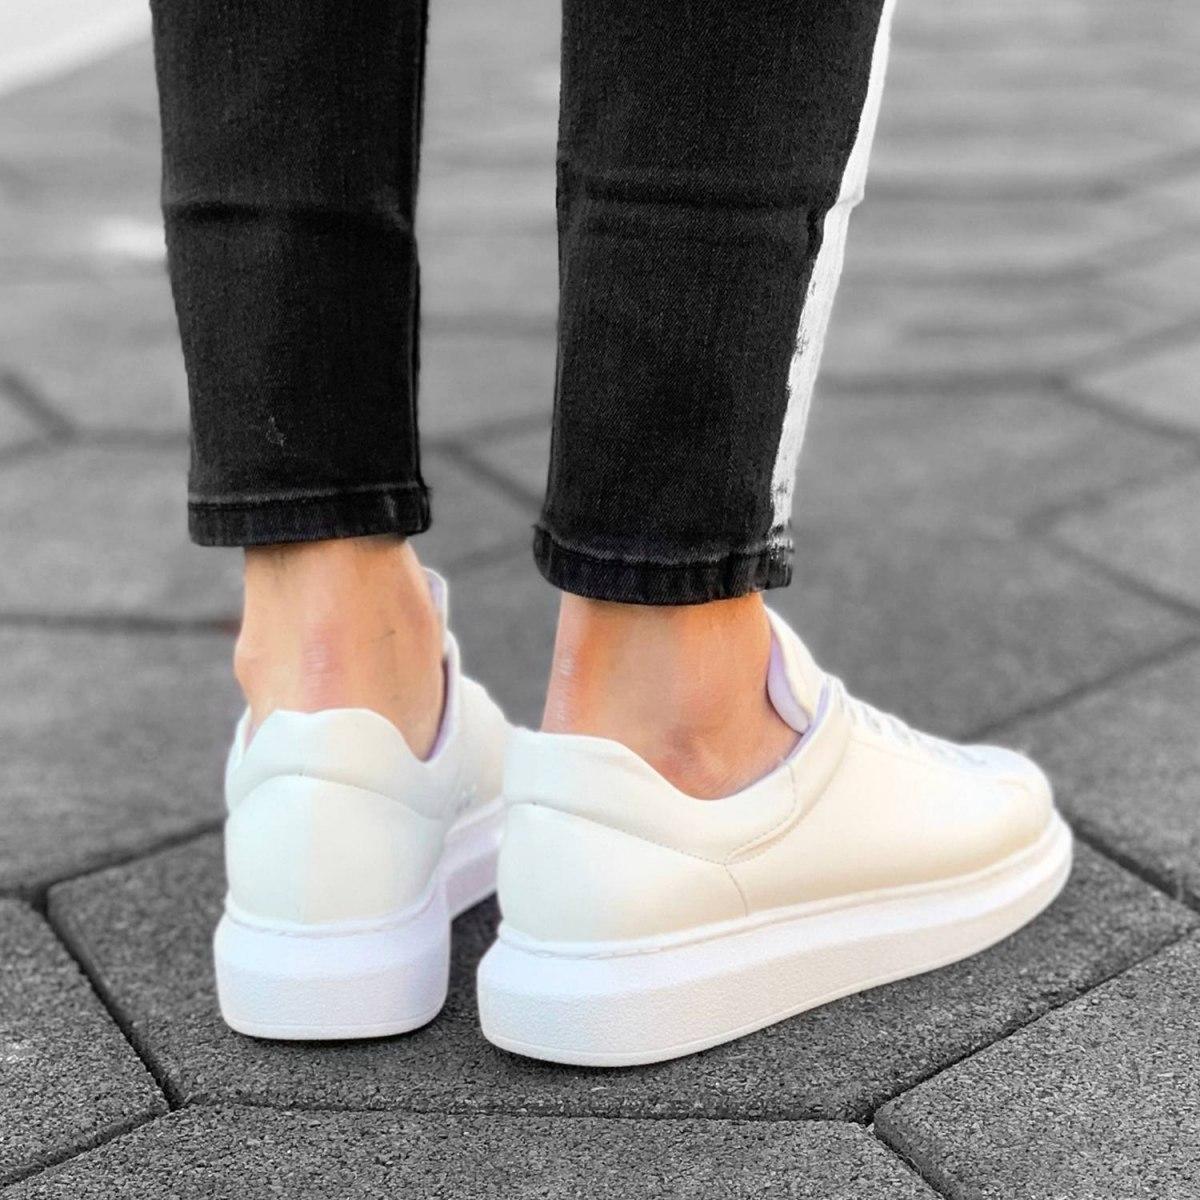 MV Whiteout Mega Sole Sneaker MV Sneaker Collection - 4